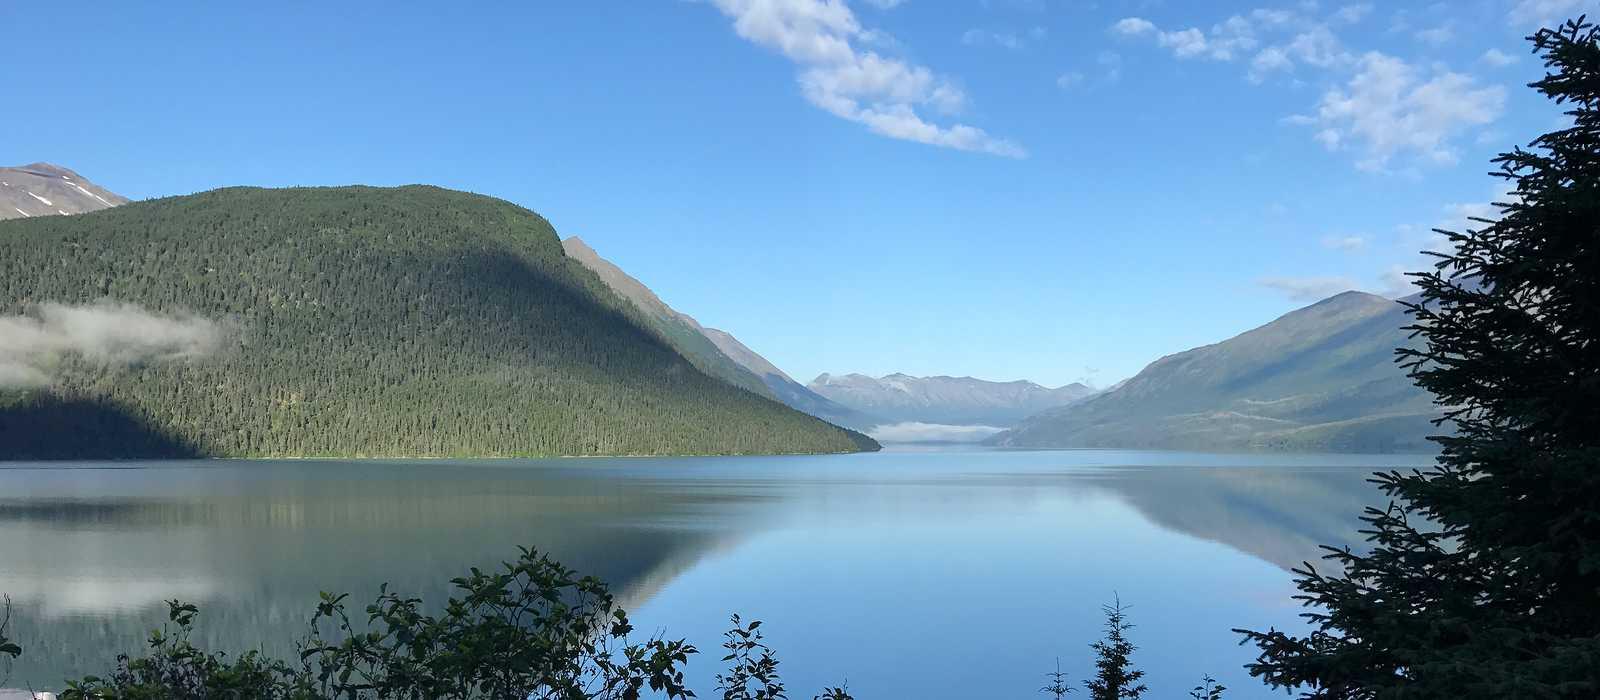 Blick auf die schöne Natur Alaskas